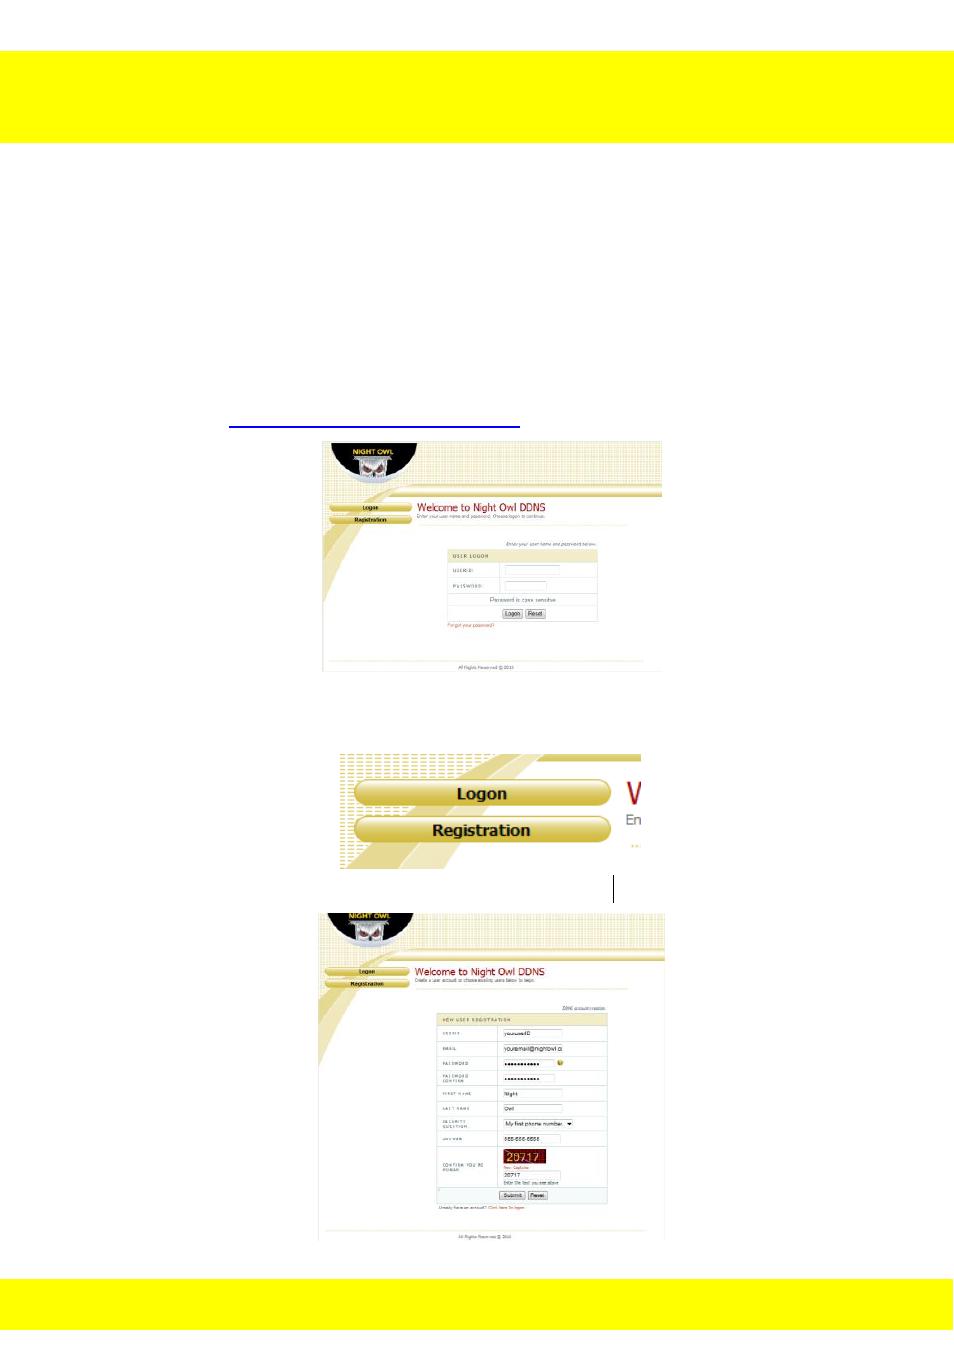 Chapter 20 ddns registration | Night Owl NODVR108-500GB User